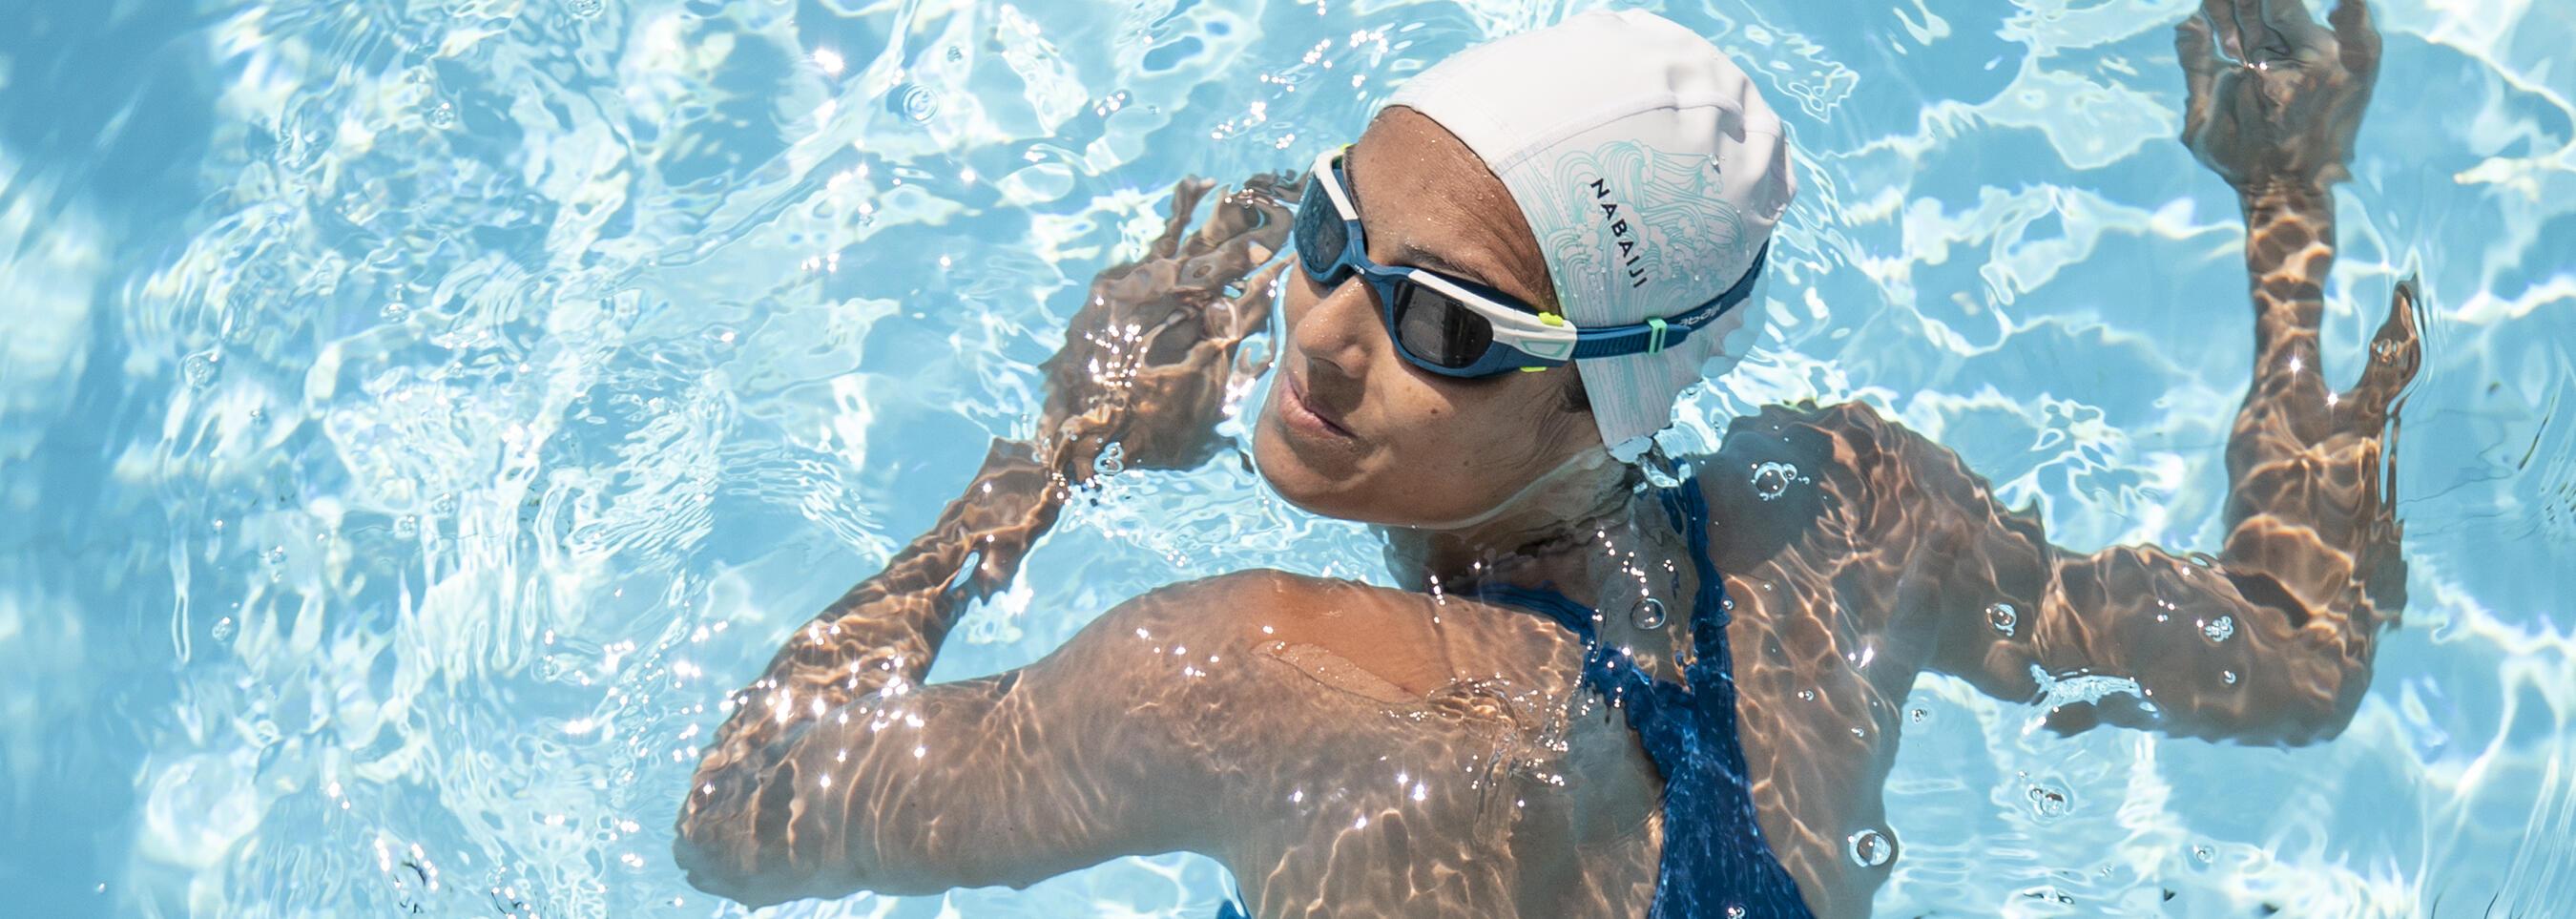 maillot de bain 1 pièce femme natation